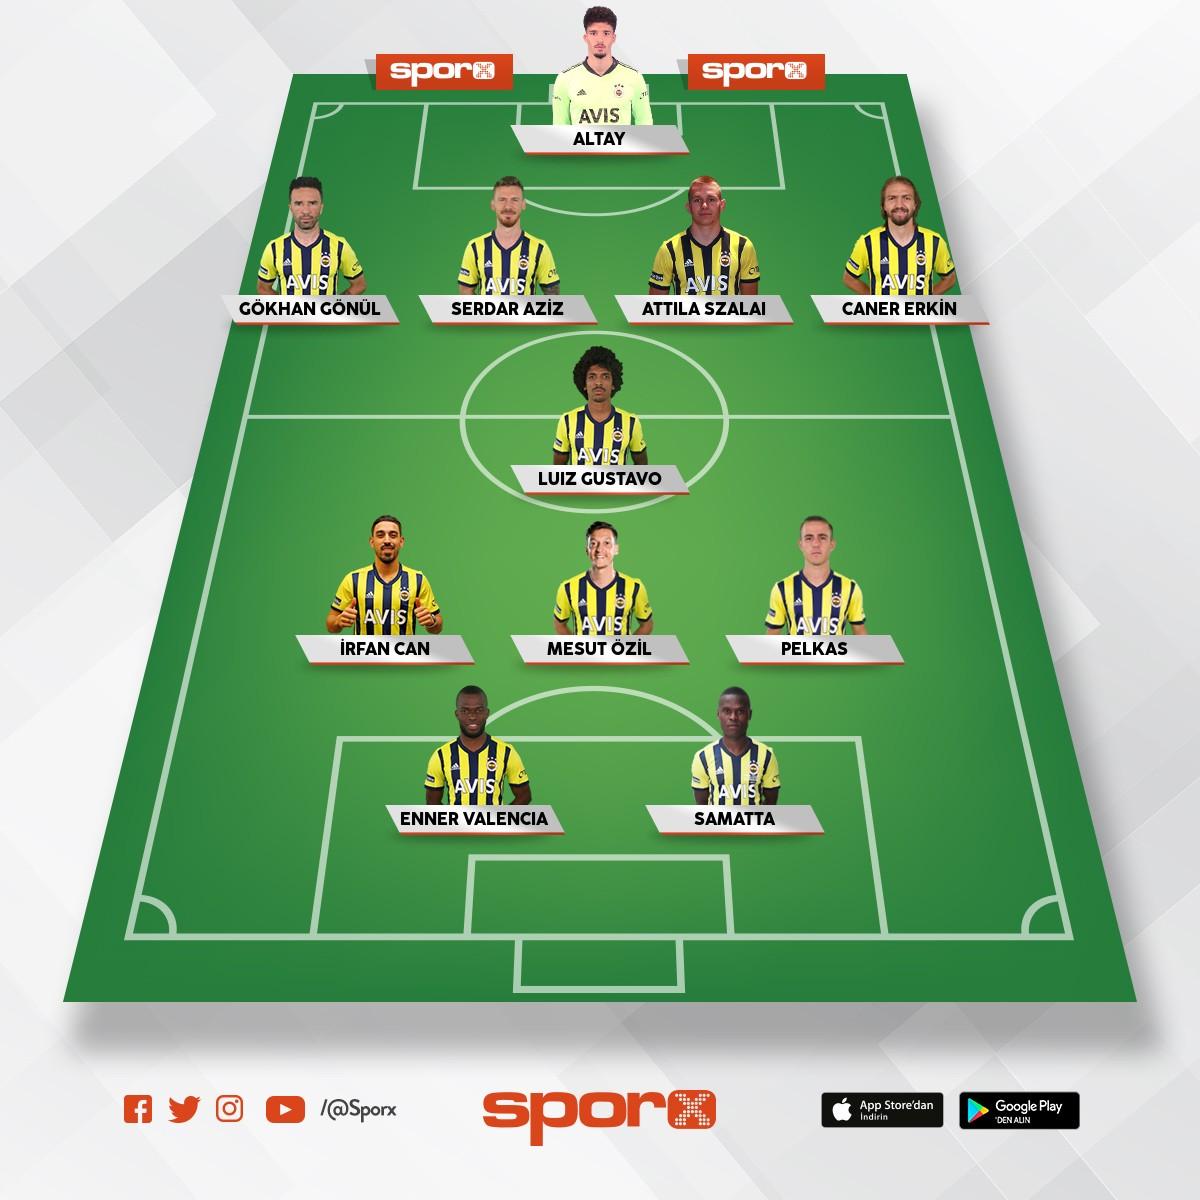 Fenerbahçe de çok fazla aynı mevki oyuncu var